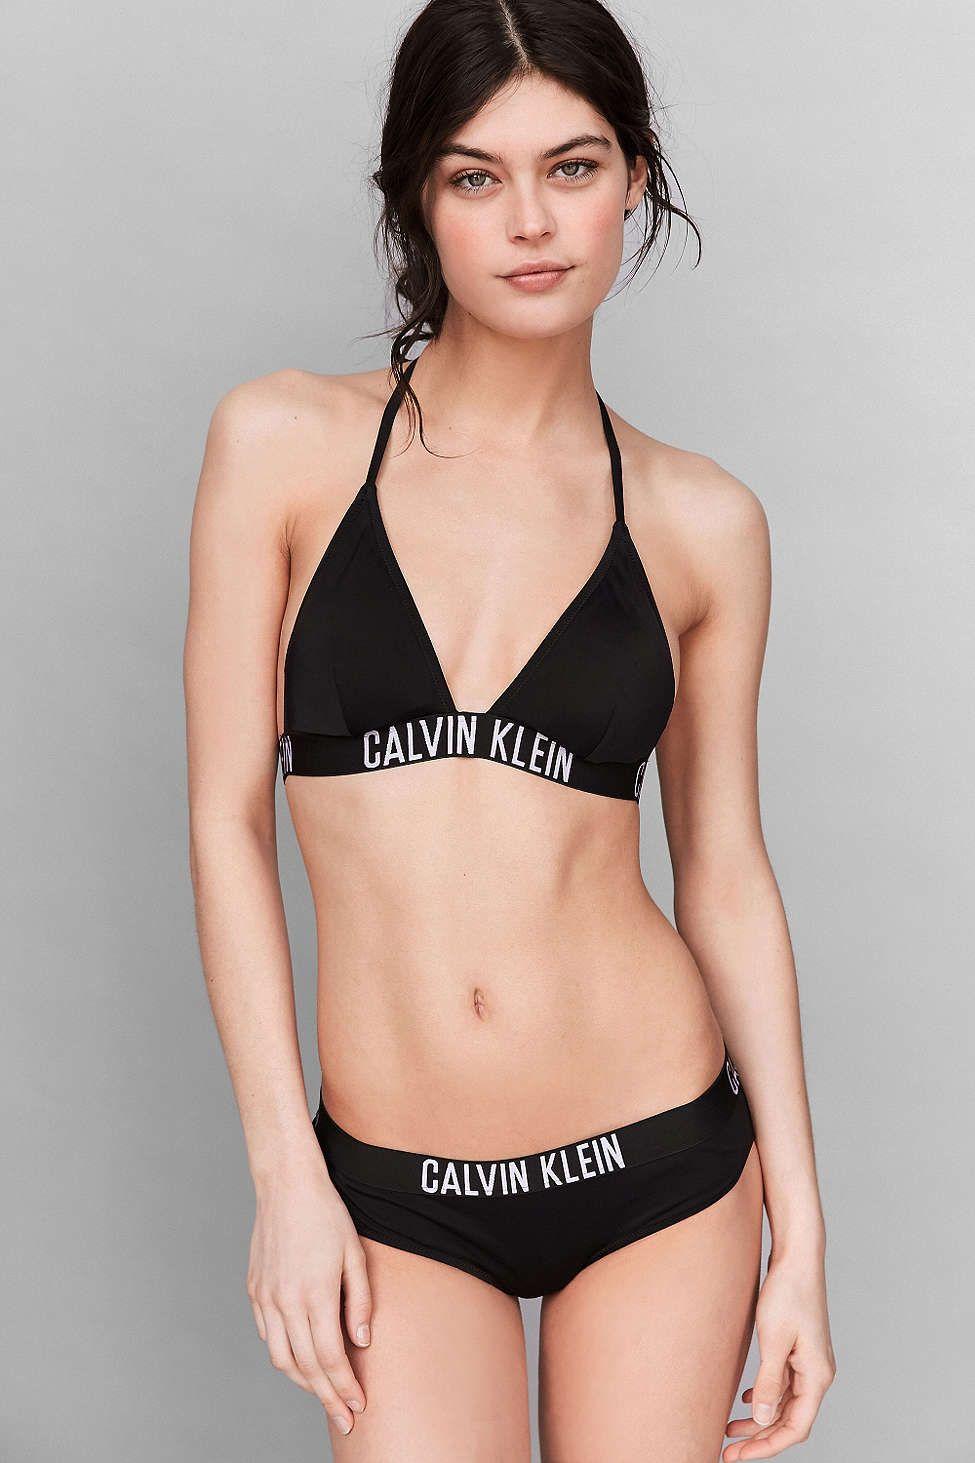 a6b1f3aa22c4b Calvin Klein Triangle Bikini Top